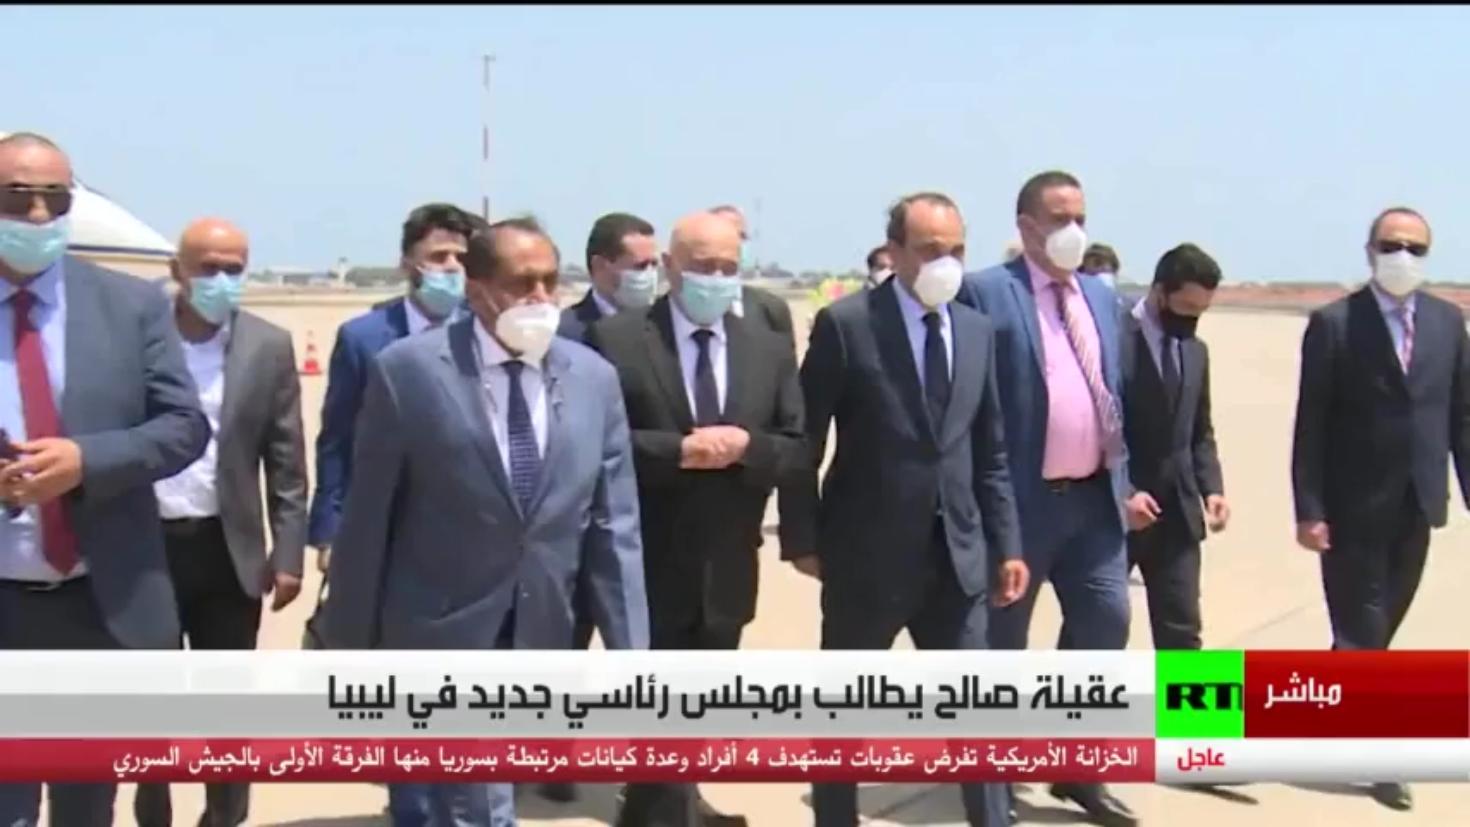 عقيلة صالح يطالب بمجلس رئاسي جديد في ليبيا